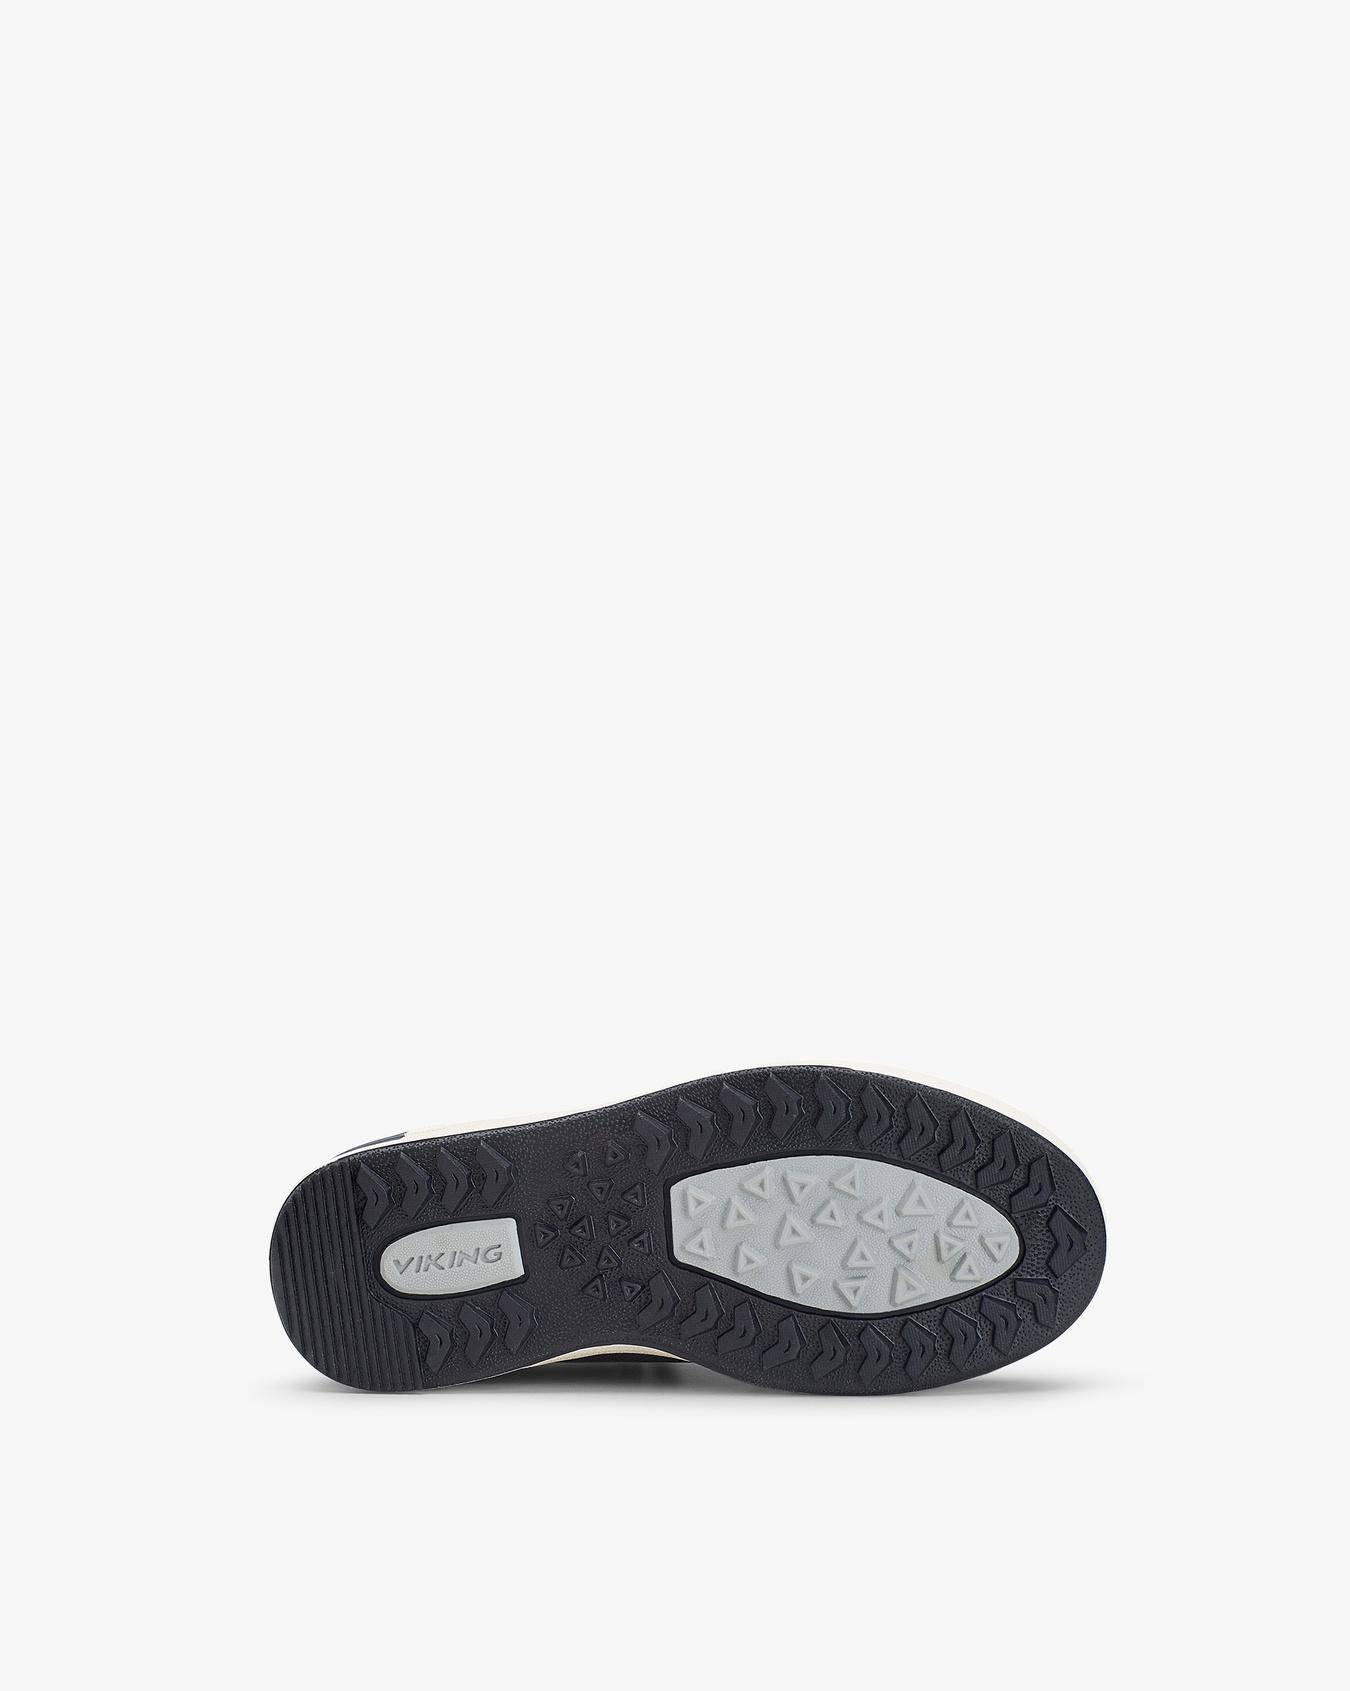 Jakob Mid GTX Black Sneaker